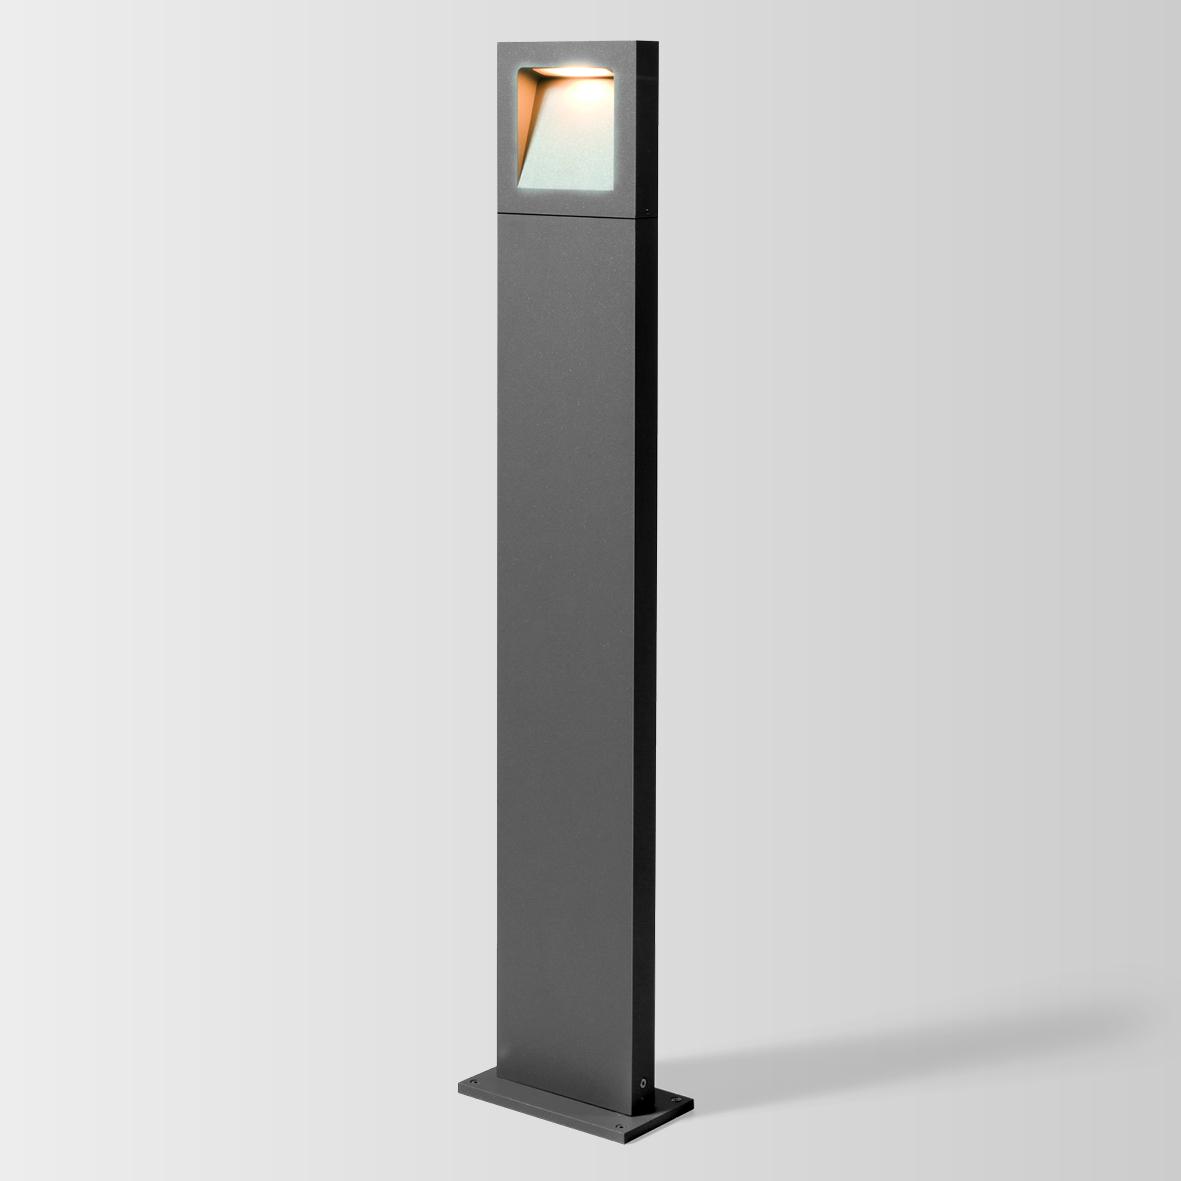 FIFTY FIFTY 1.0 LED 3000 DIM tumehall 8W 80 220-240VAC (ilma postita), välisvalgusti